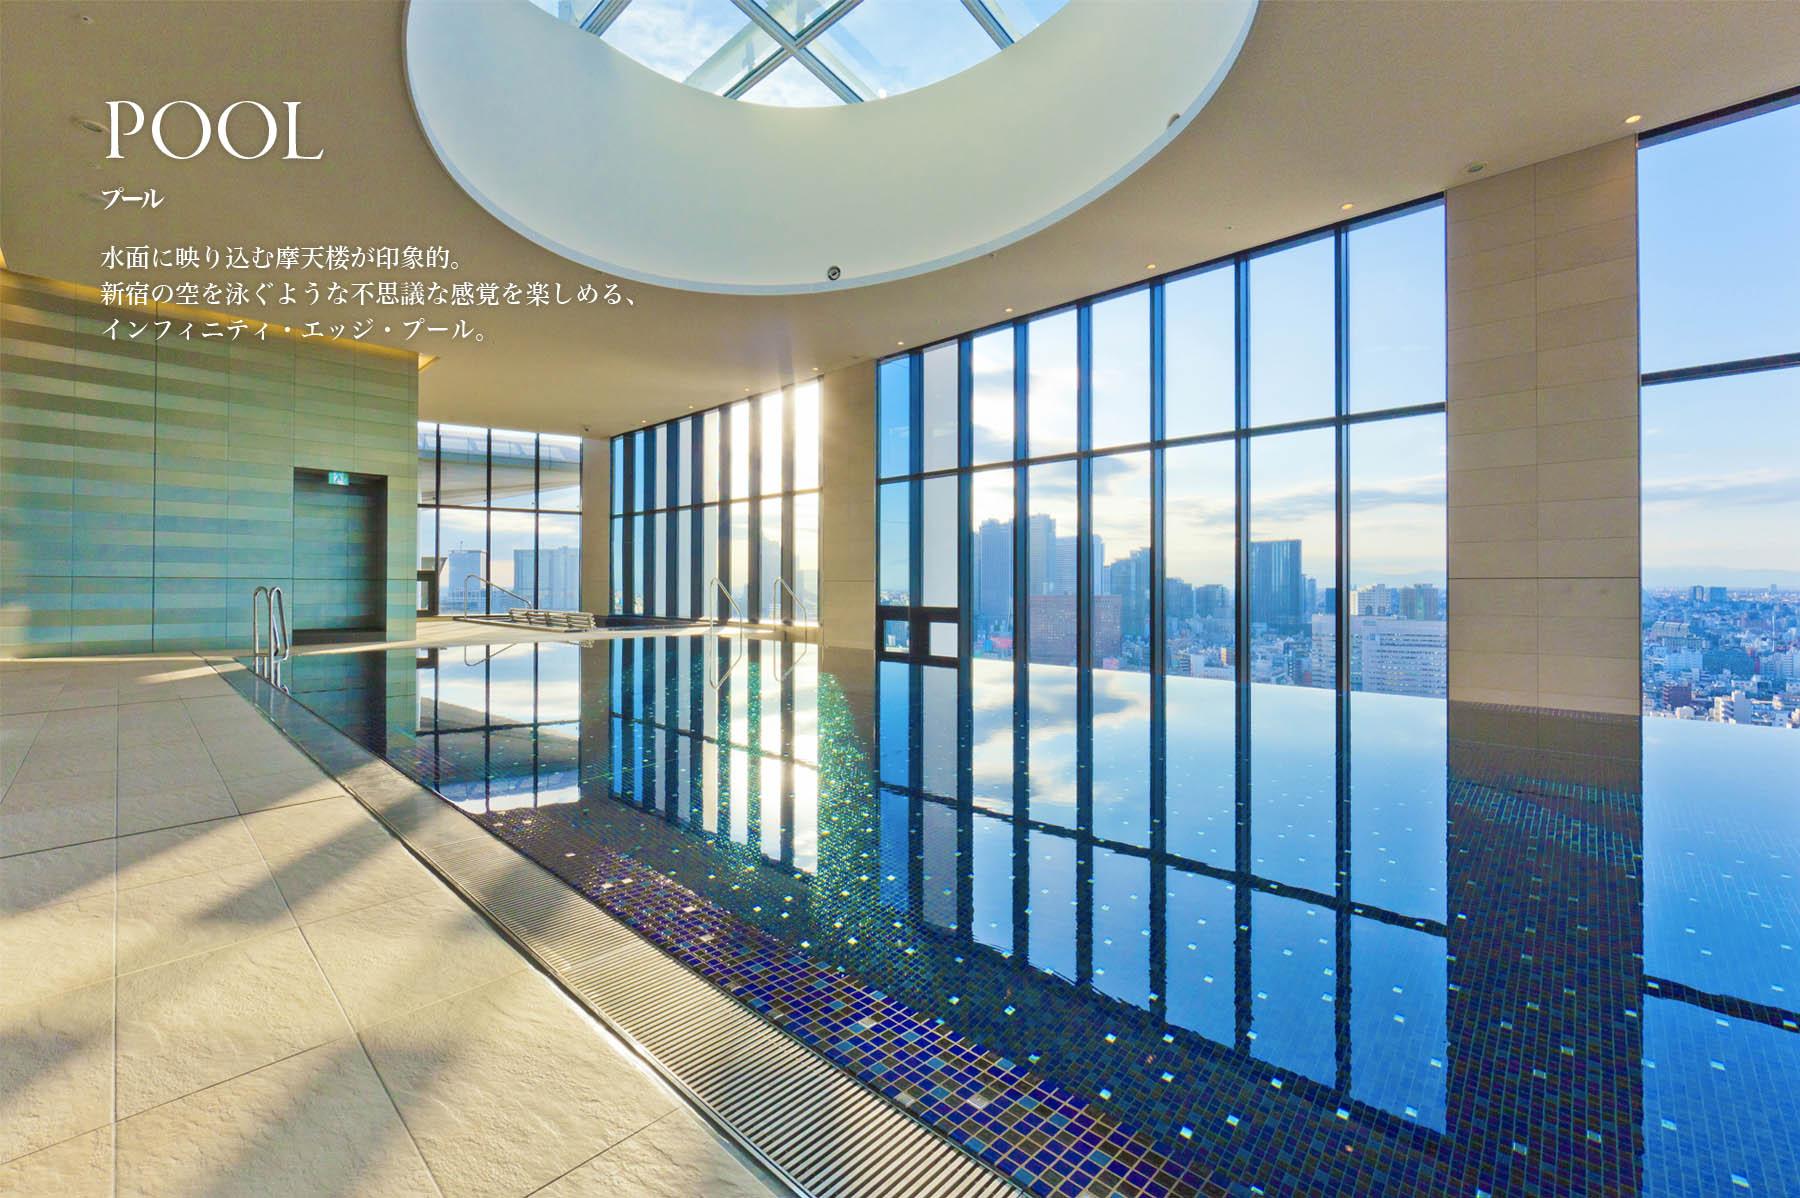 http://www.cf-shinjuku-est.jp/facility/img/club/club01/img01.jpg